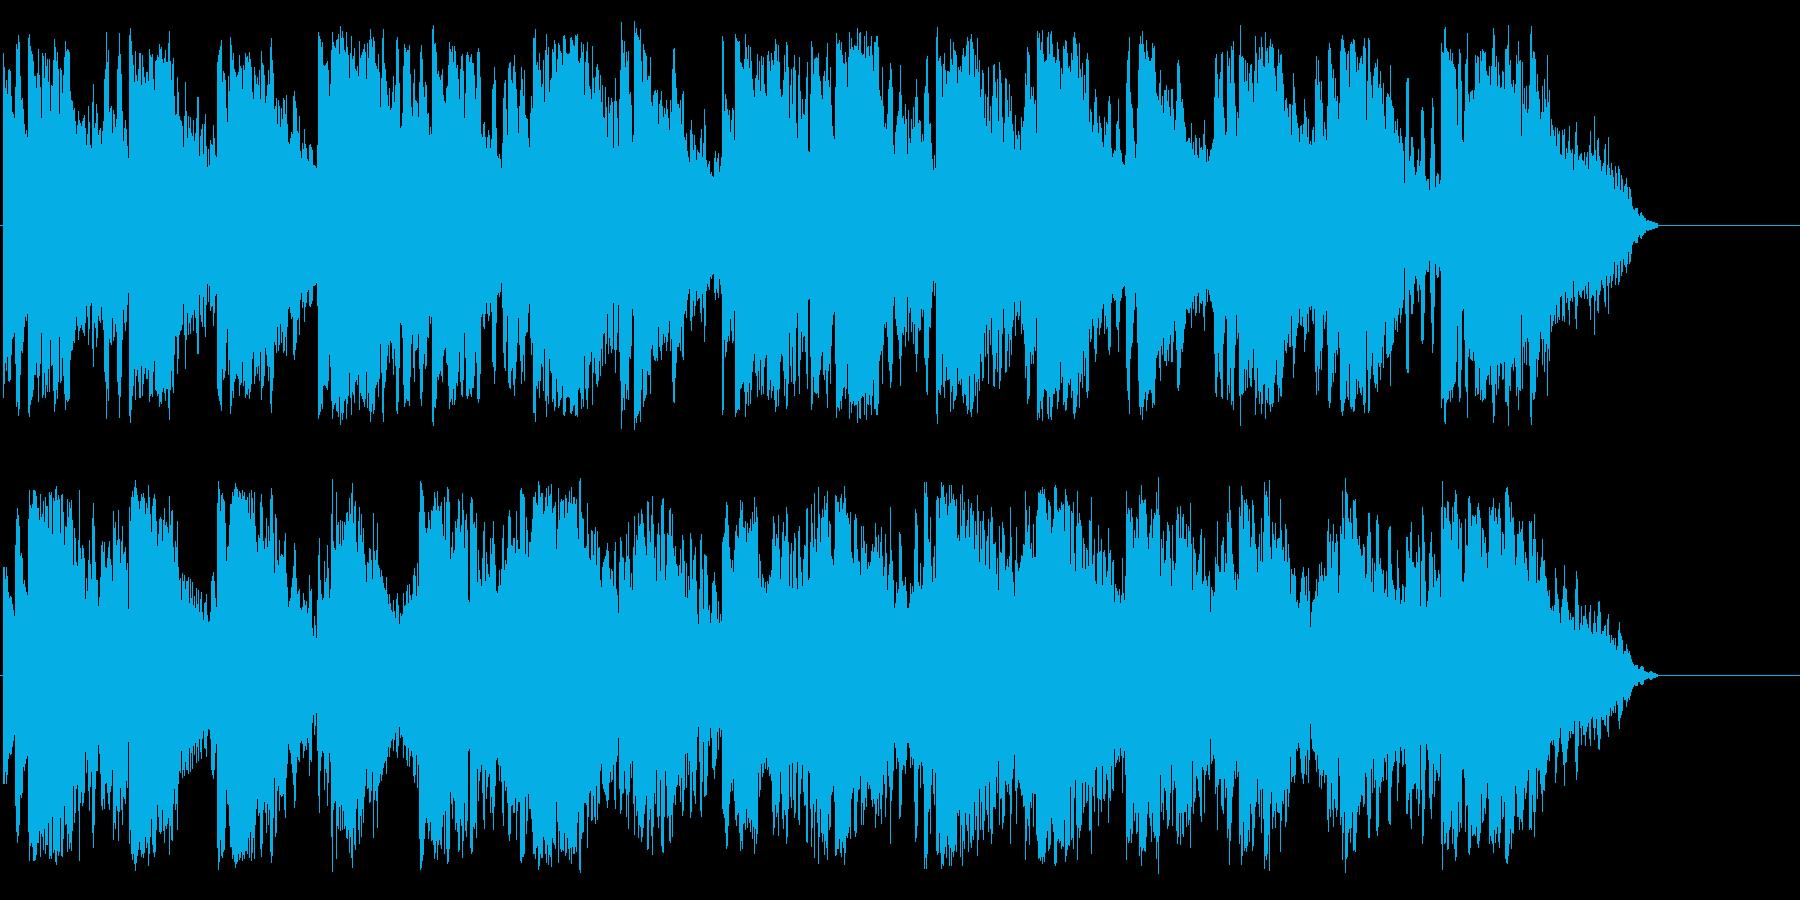 幻想的で哀愁を誘うピアノ曲の再生済みの波形